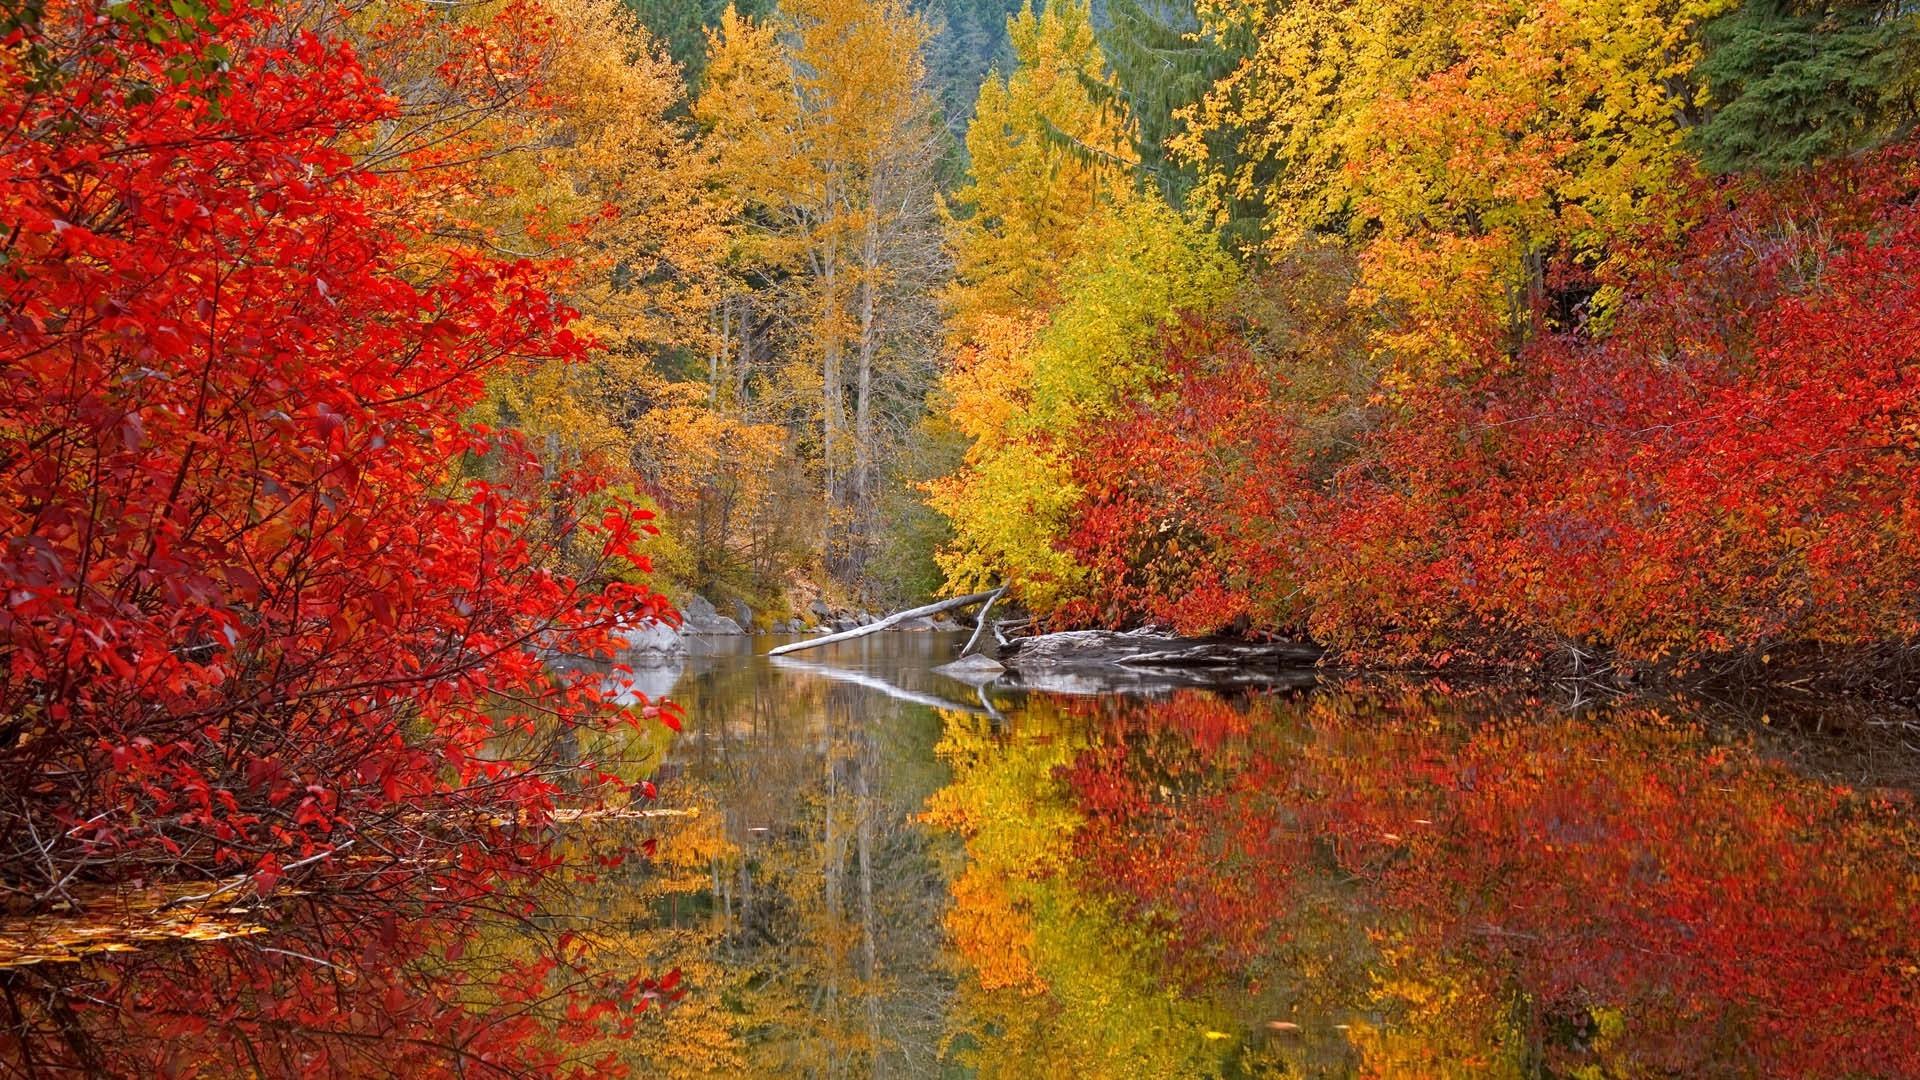 Обои широкоформатные на рабочий стол бесплатно красивая природа осень